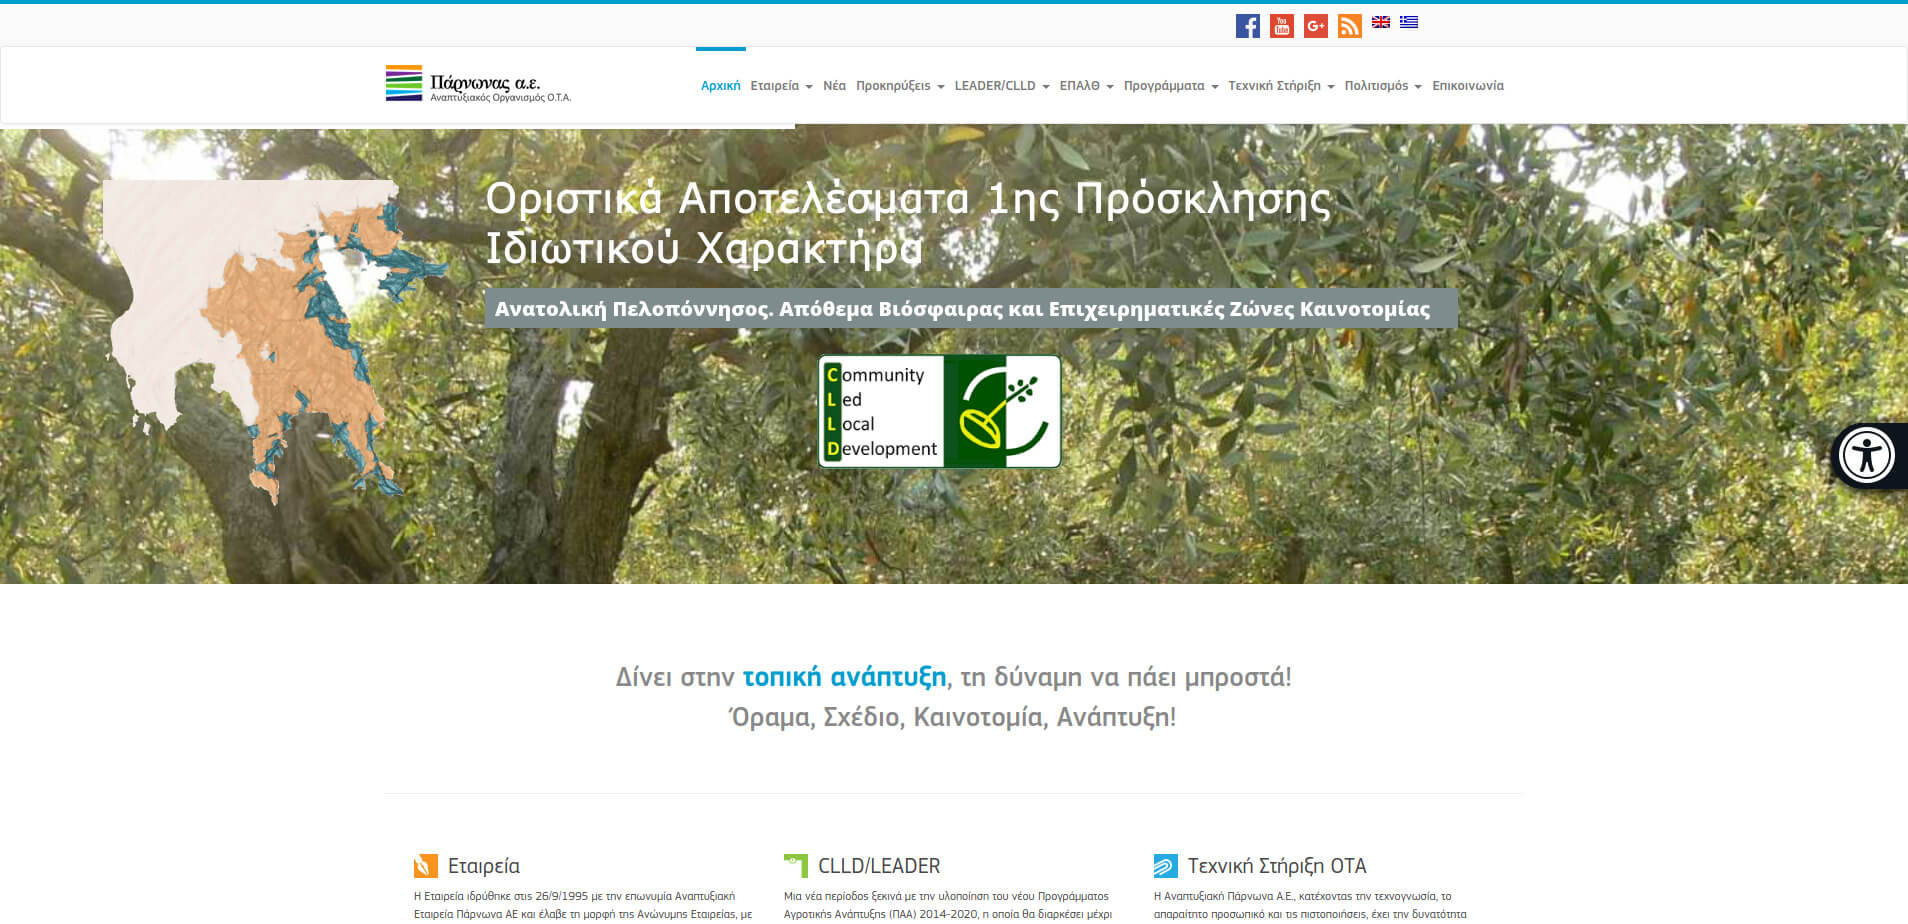 Μπάρα Προσβασιμότητας ΑμεΑ Eucleides - Ιστοσελίδες κατάλληλες για ΑμεΑ σύμφωνα με το πρότυπο WCAG 2.0 - Εγκατάσταση σε όλες τις πλατφόρμες ιστοτόπων - parnonas.gr